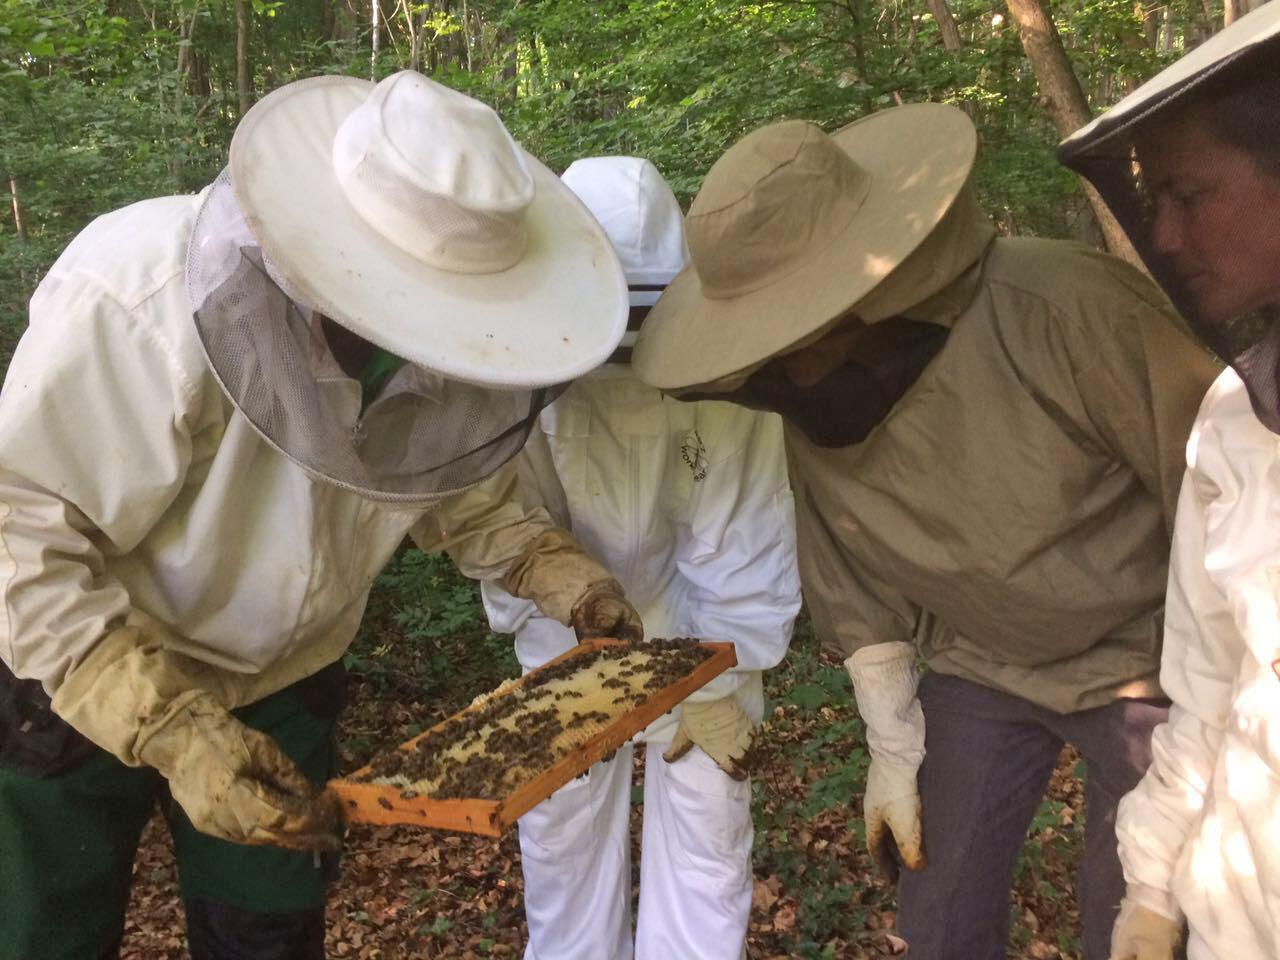 Grüner Bundestagskandidat im Schutzanzug – Gerhard Zickenheiner auf Erkundungstour zur Bienenzucht von Thomas Bayer am Haltinger Berg